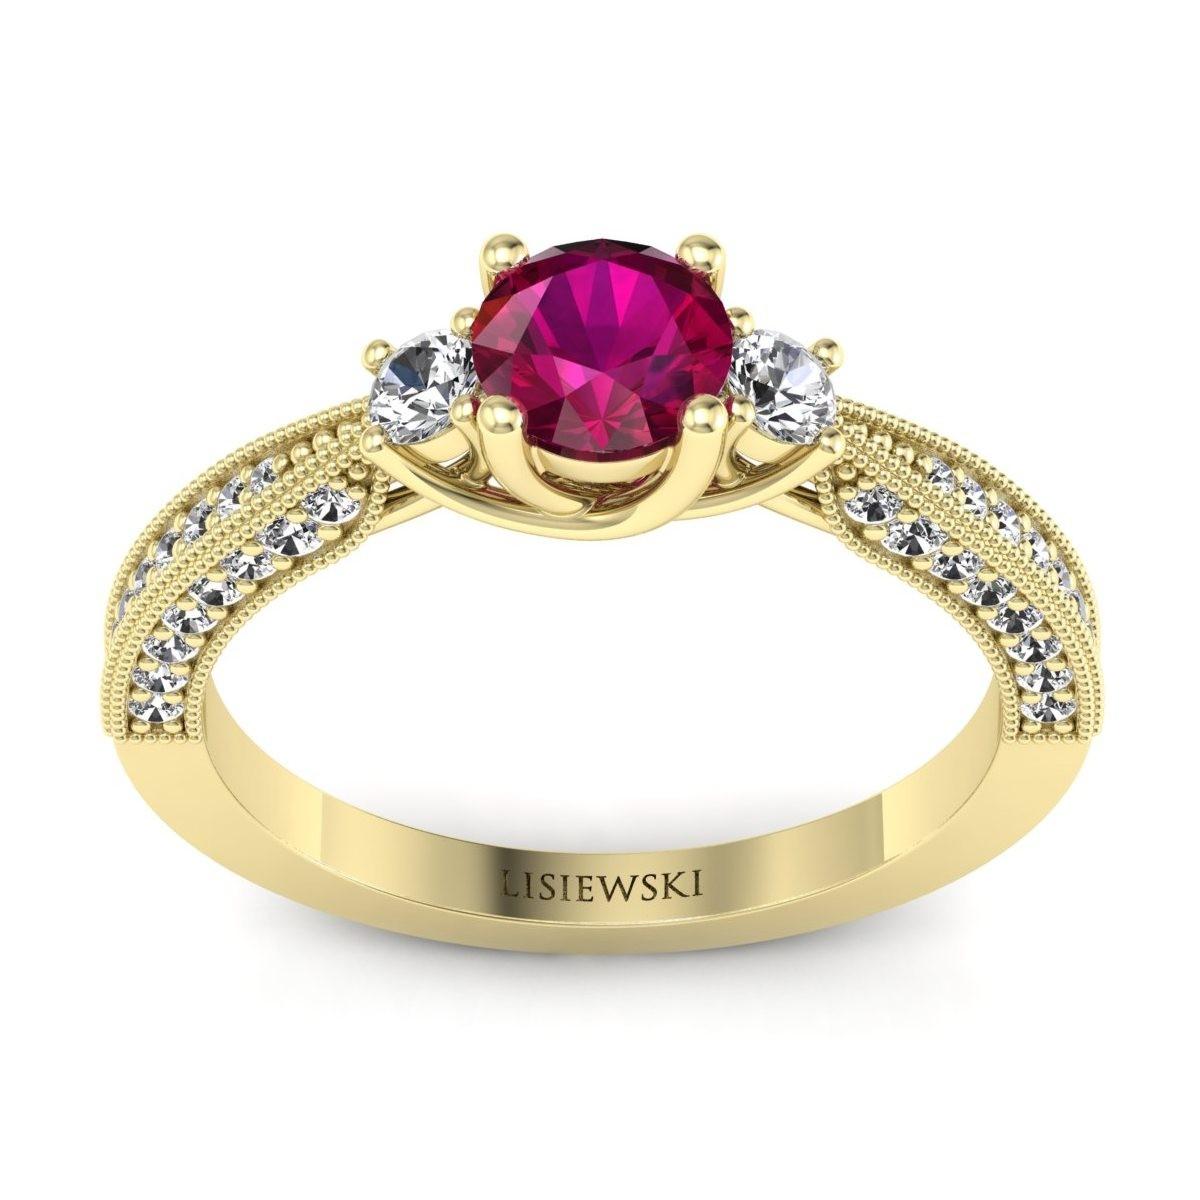 Melania - Złoty pierścionek z rubinem i diamentami